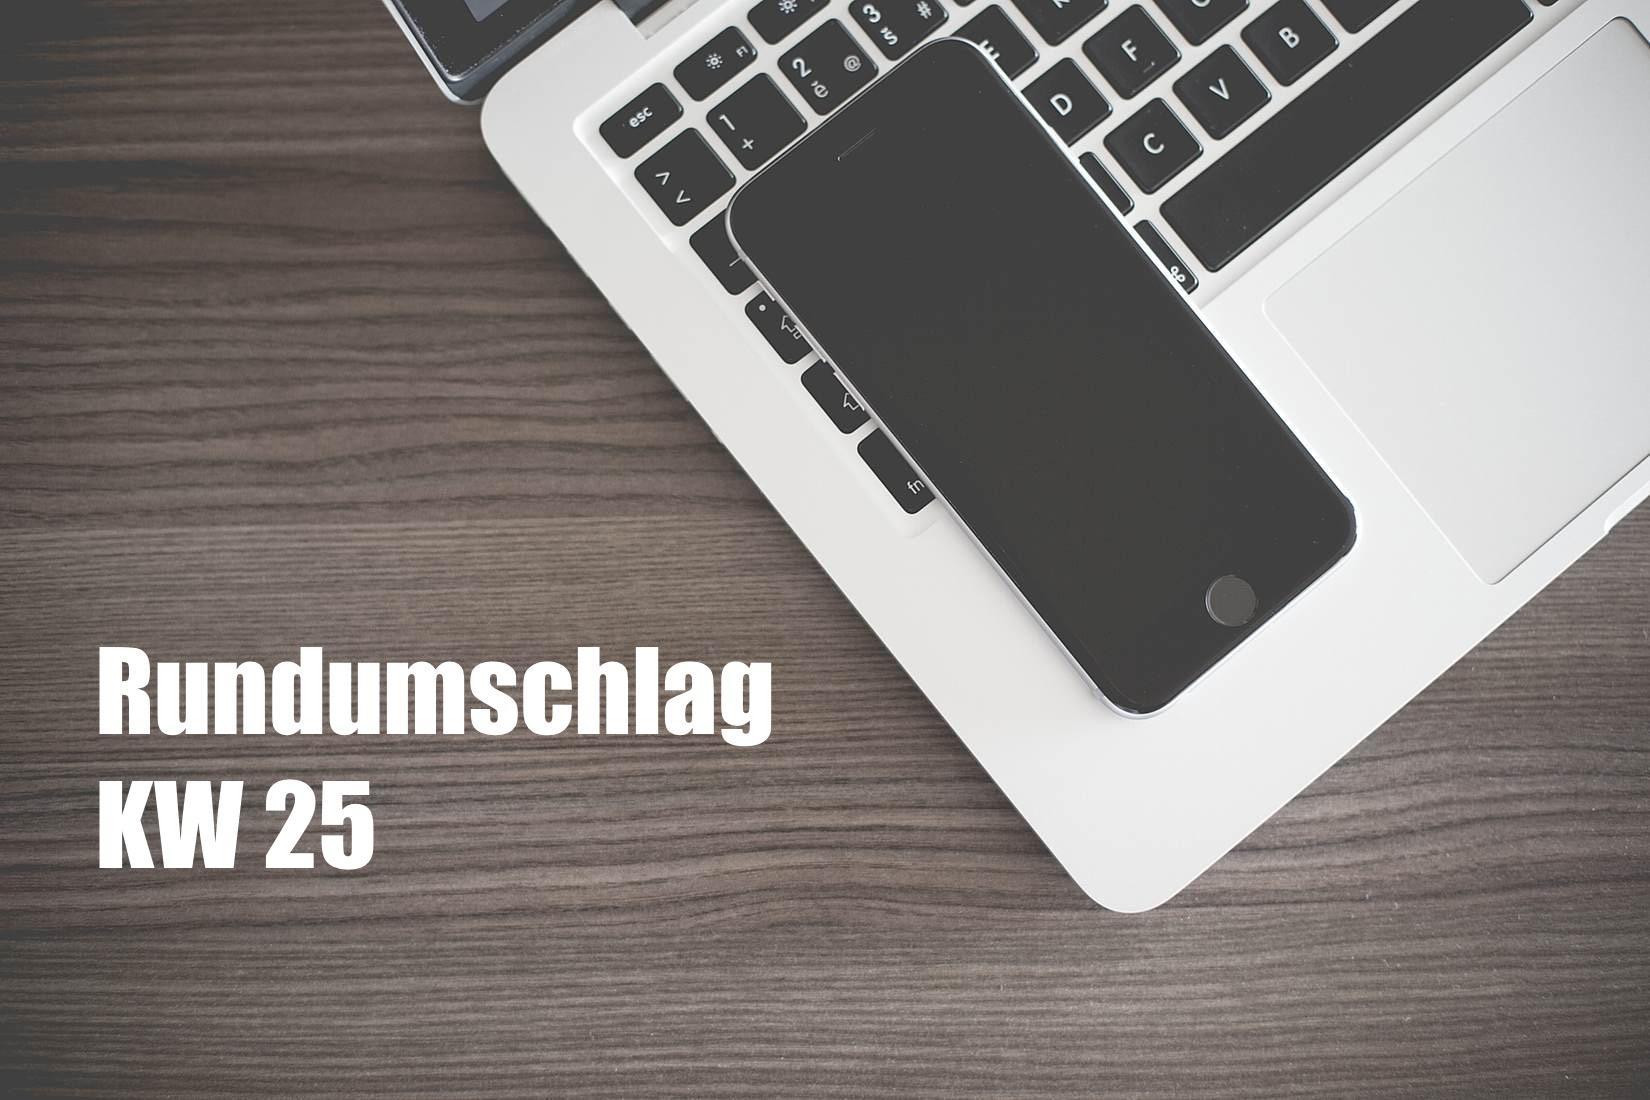 Rundumschlag KW 25 (2016)